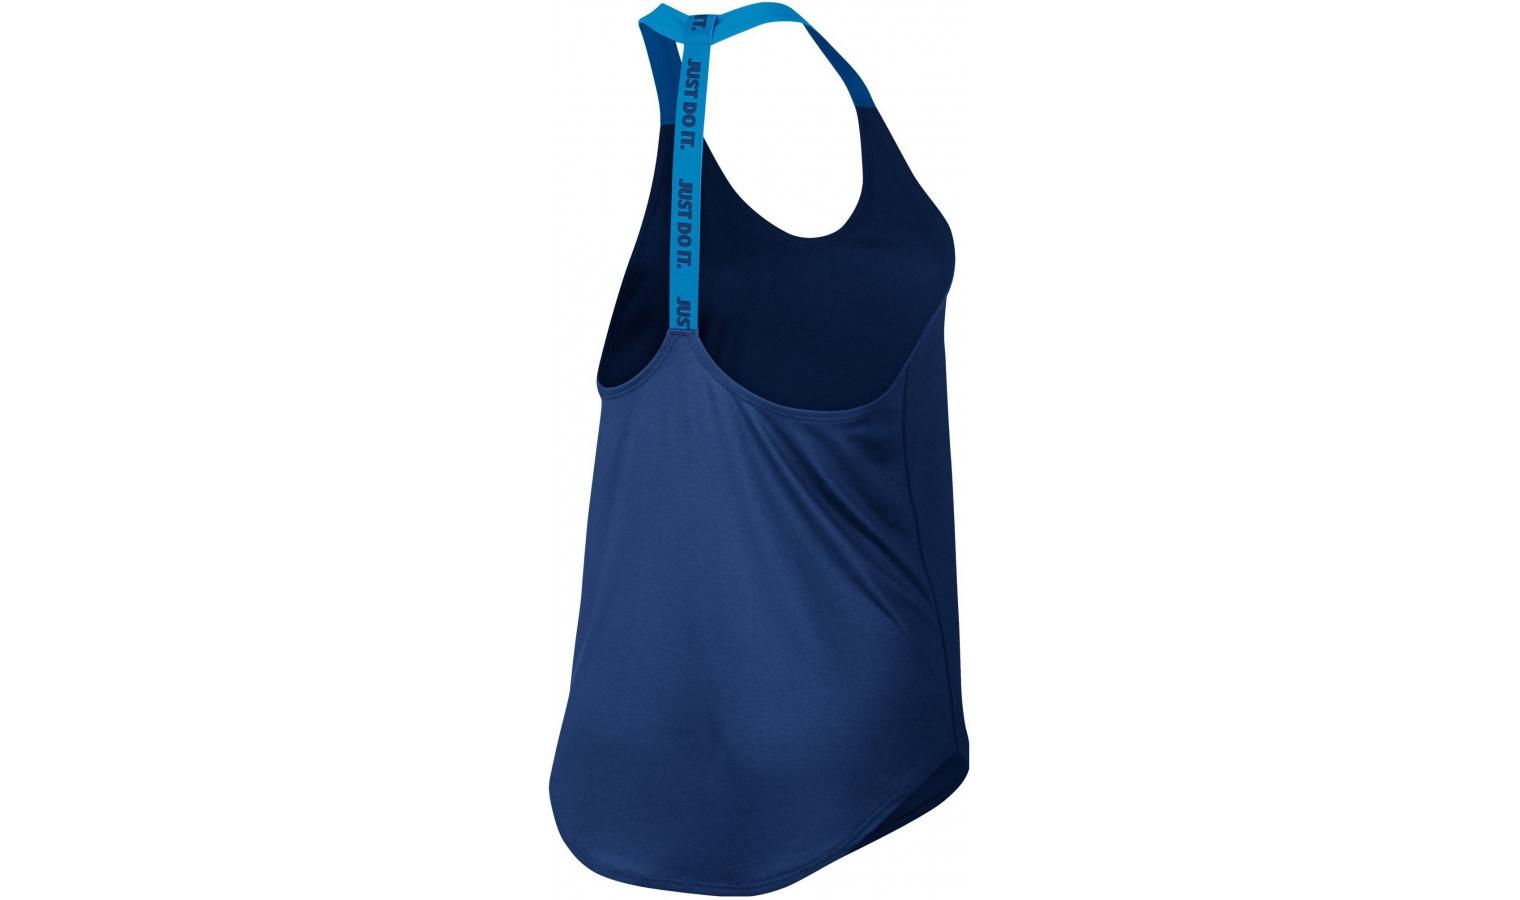 9fc1bf600300 Dámske športové tričko Nike WOMEN S TRAINING TANK modré